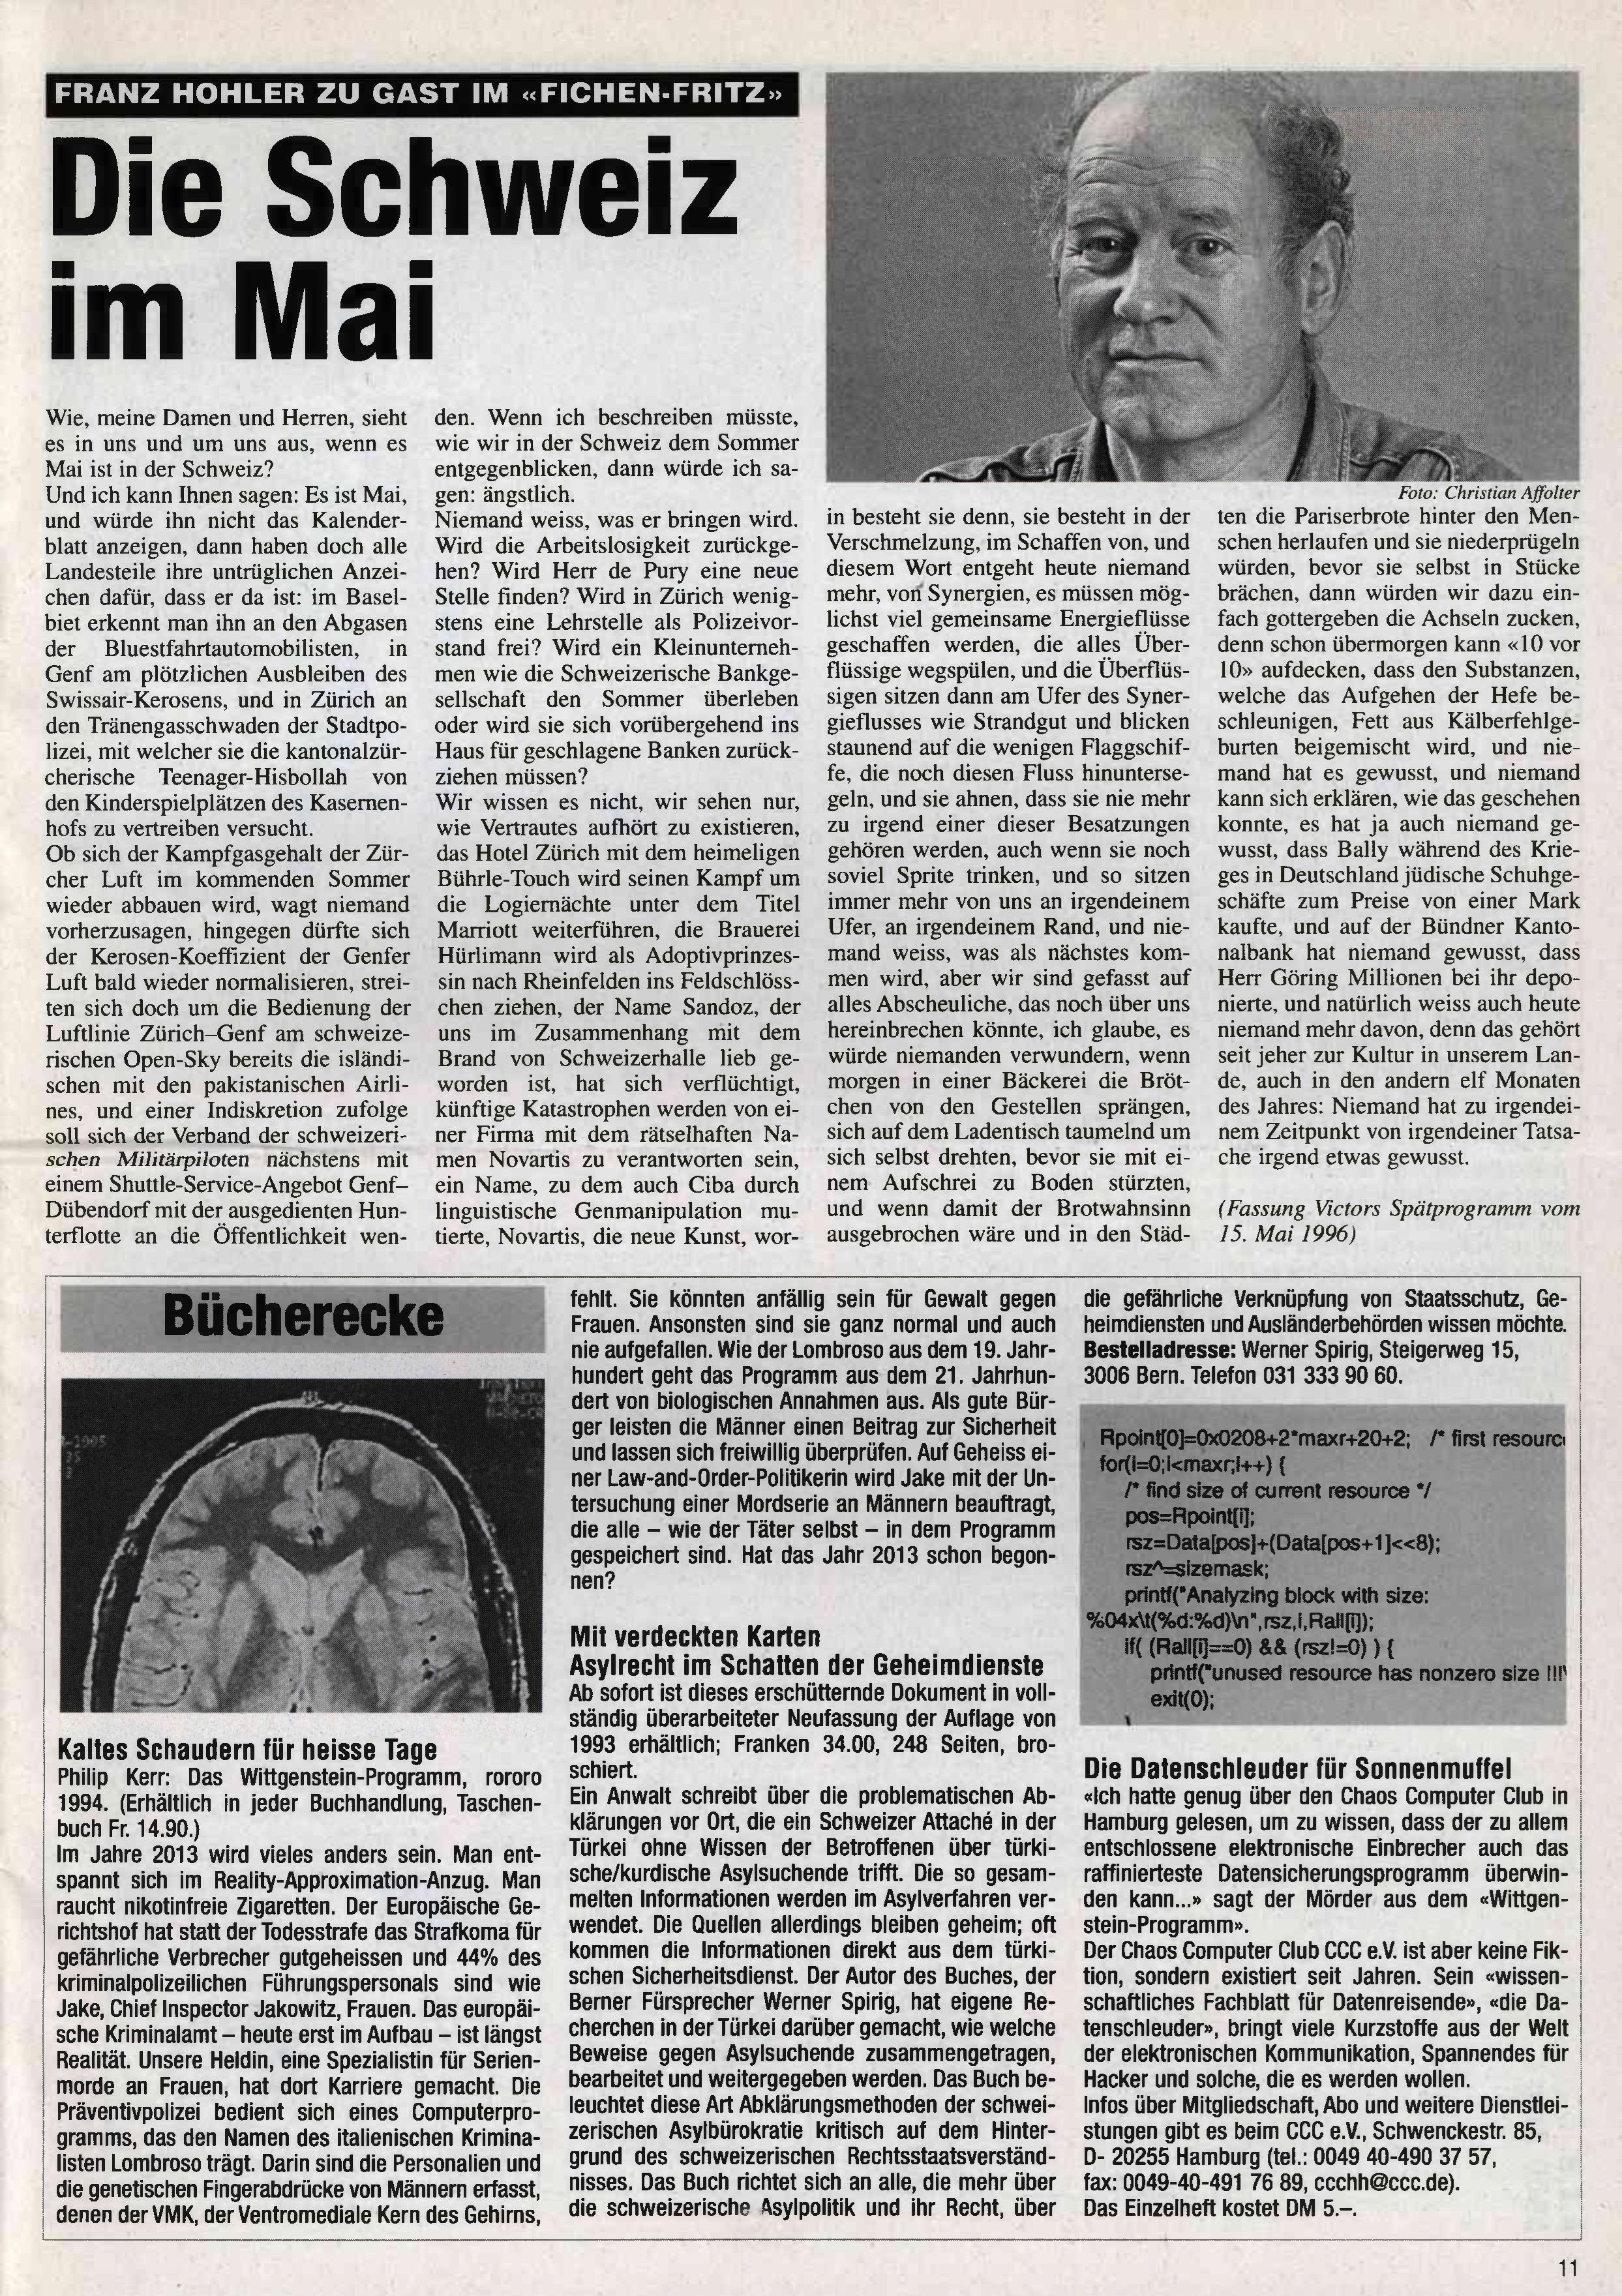 FICHEN FRITZ NR. 25 - SEITE 11